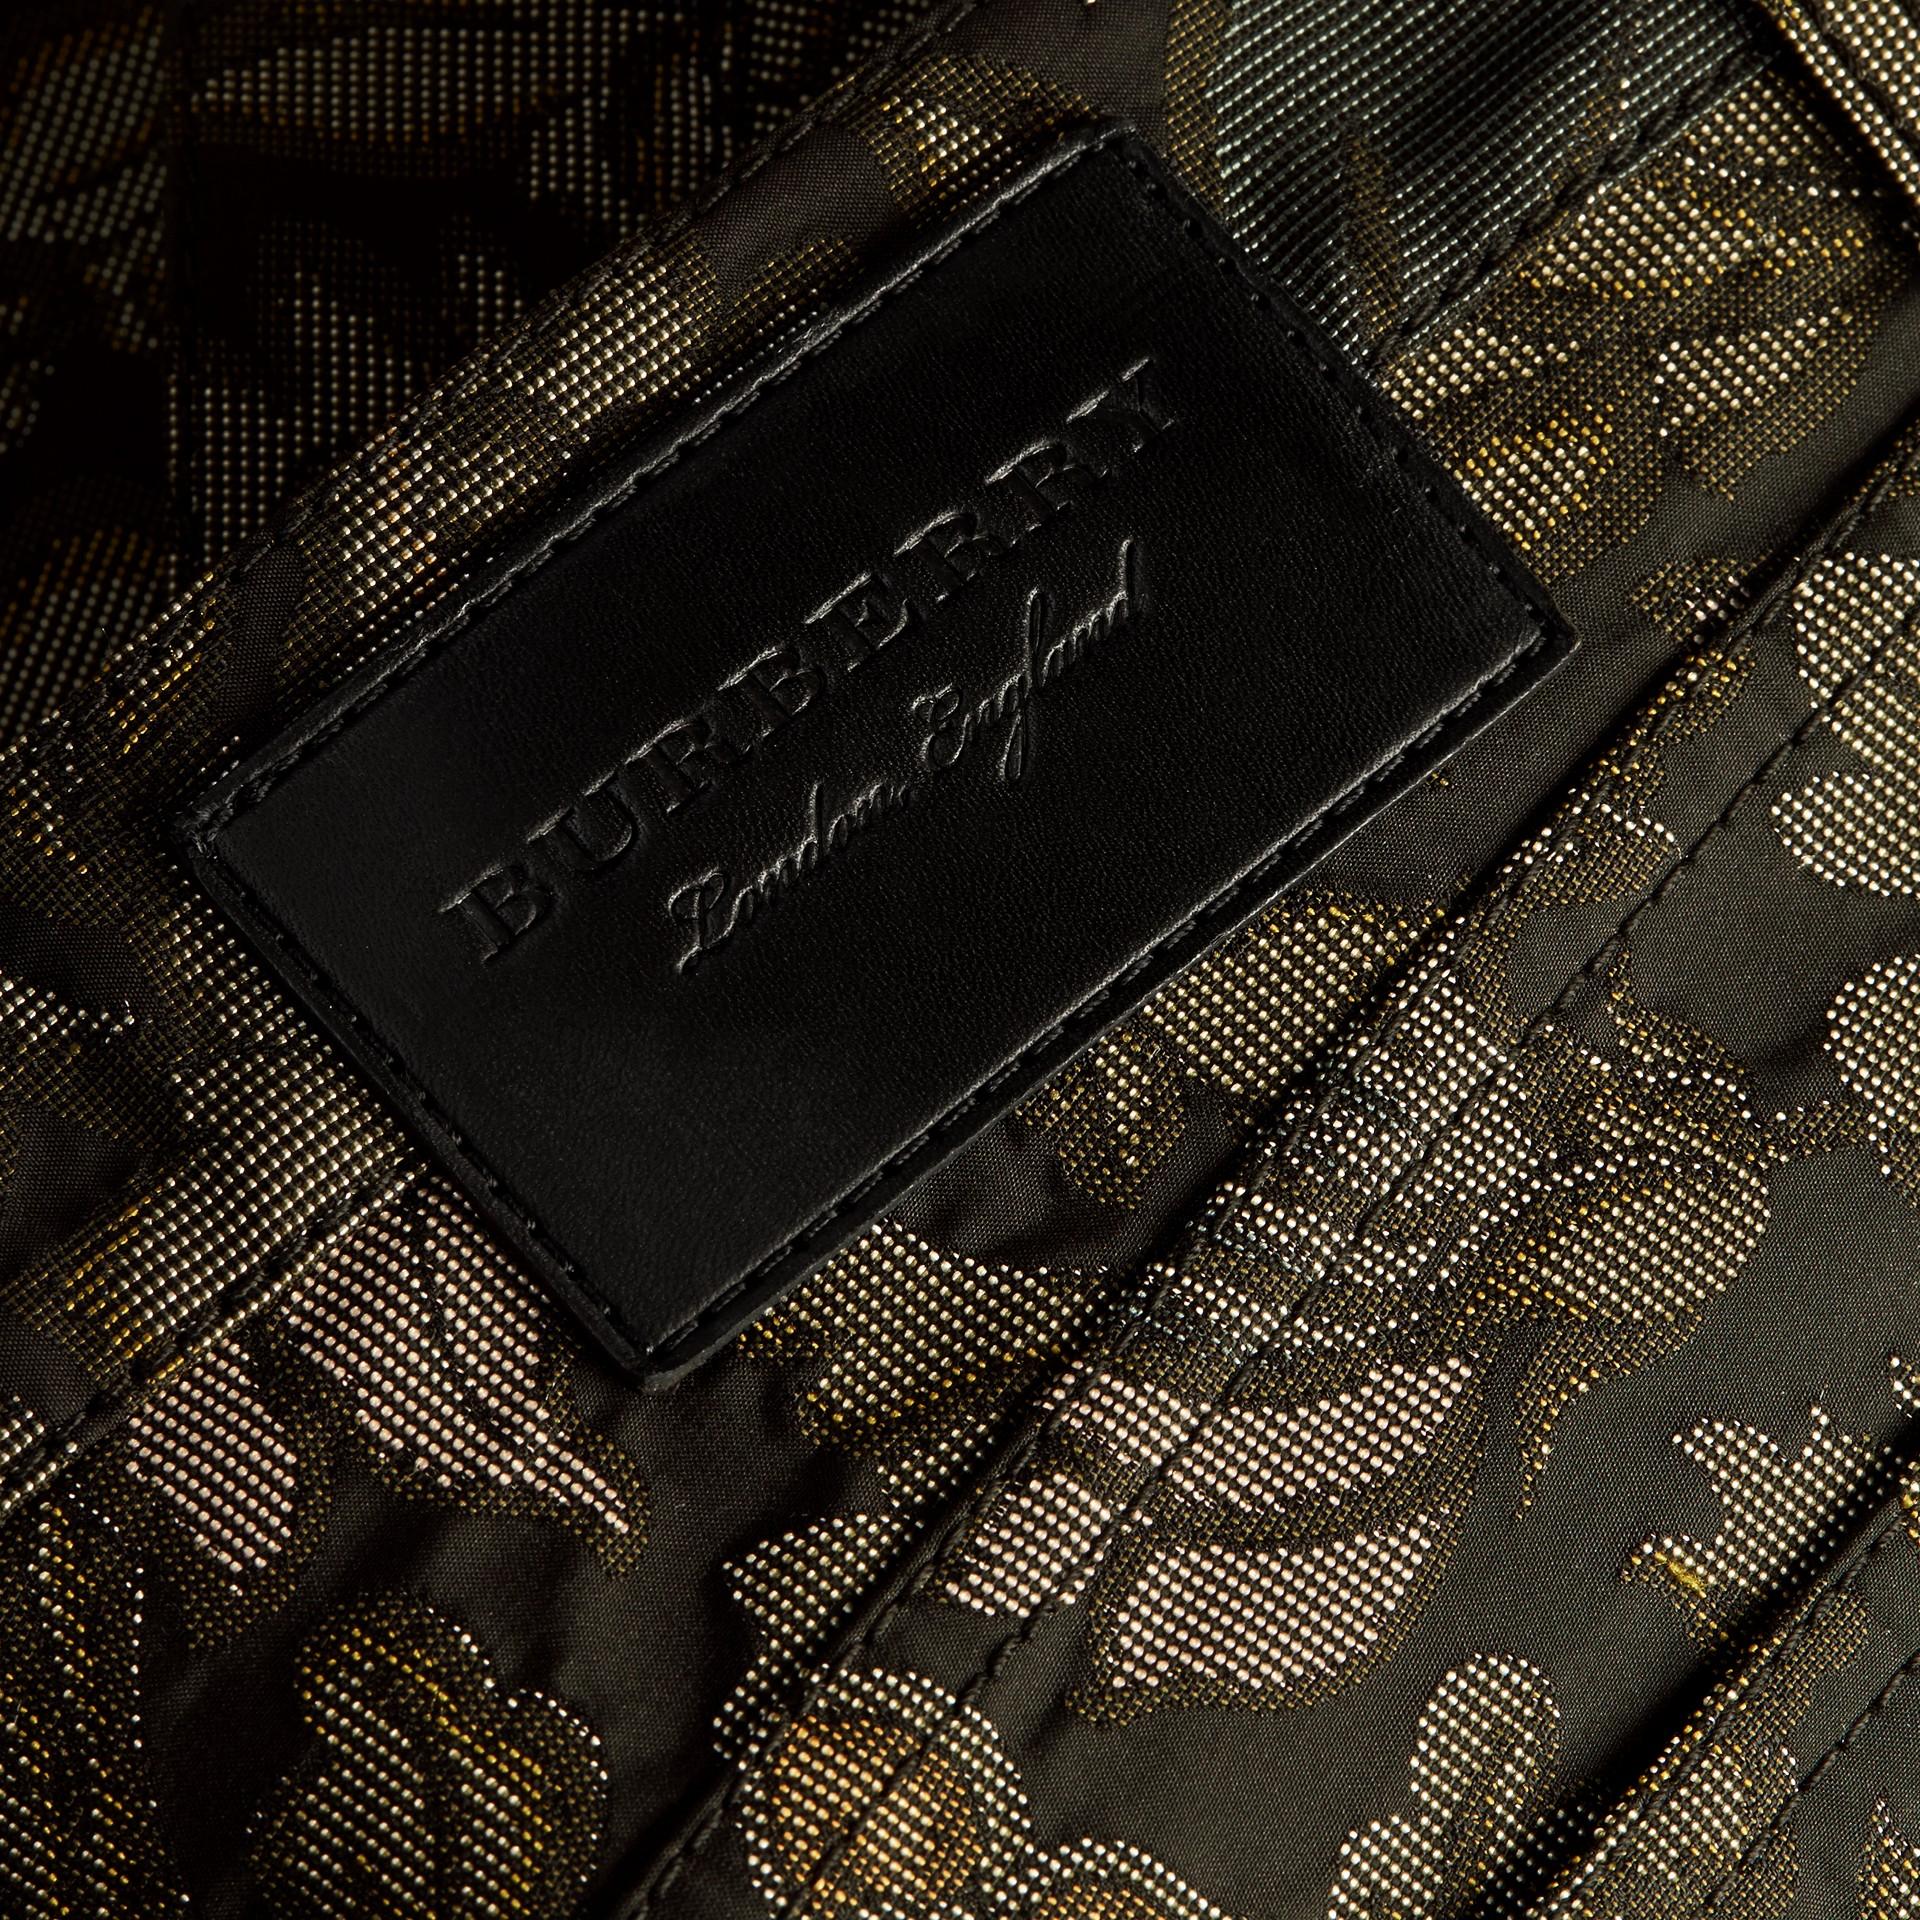 Шалфей Узкие джинсы с цветочным узором Шалфей - изображение 2